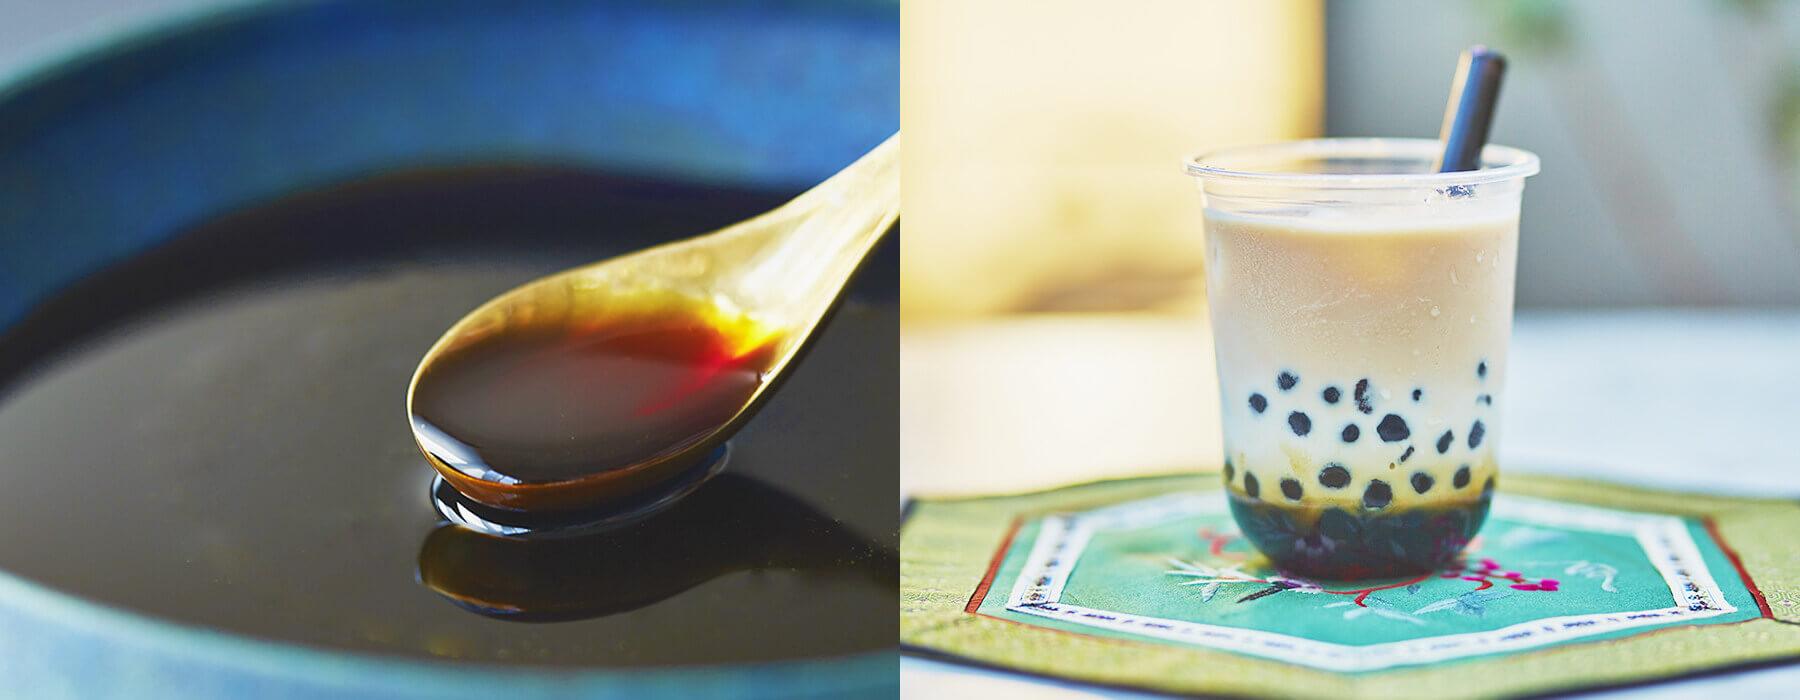 沖縄県産の黒糖と台湾産のタピオカを使用し、試行錯誤した独自の製法。